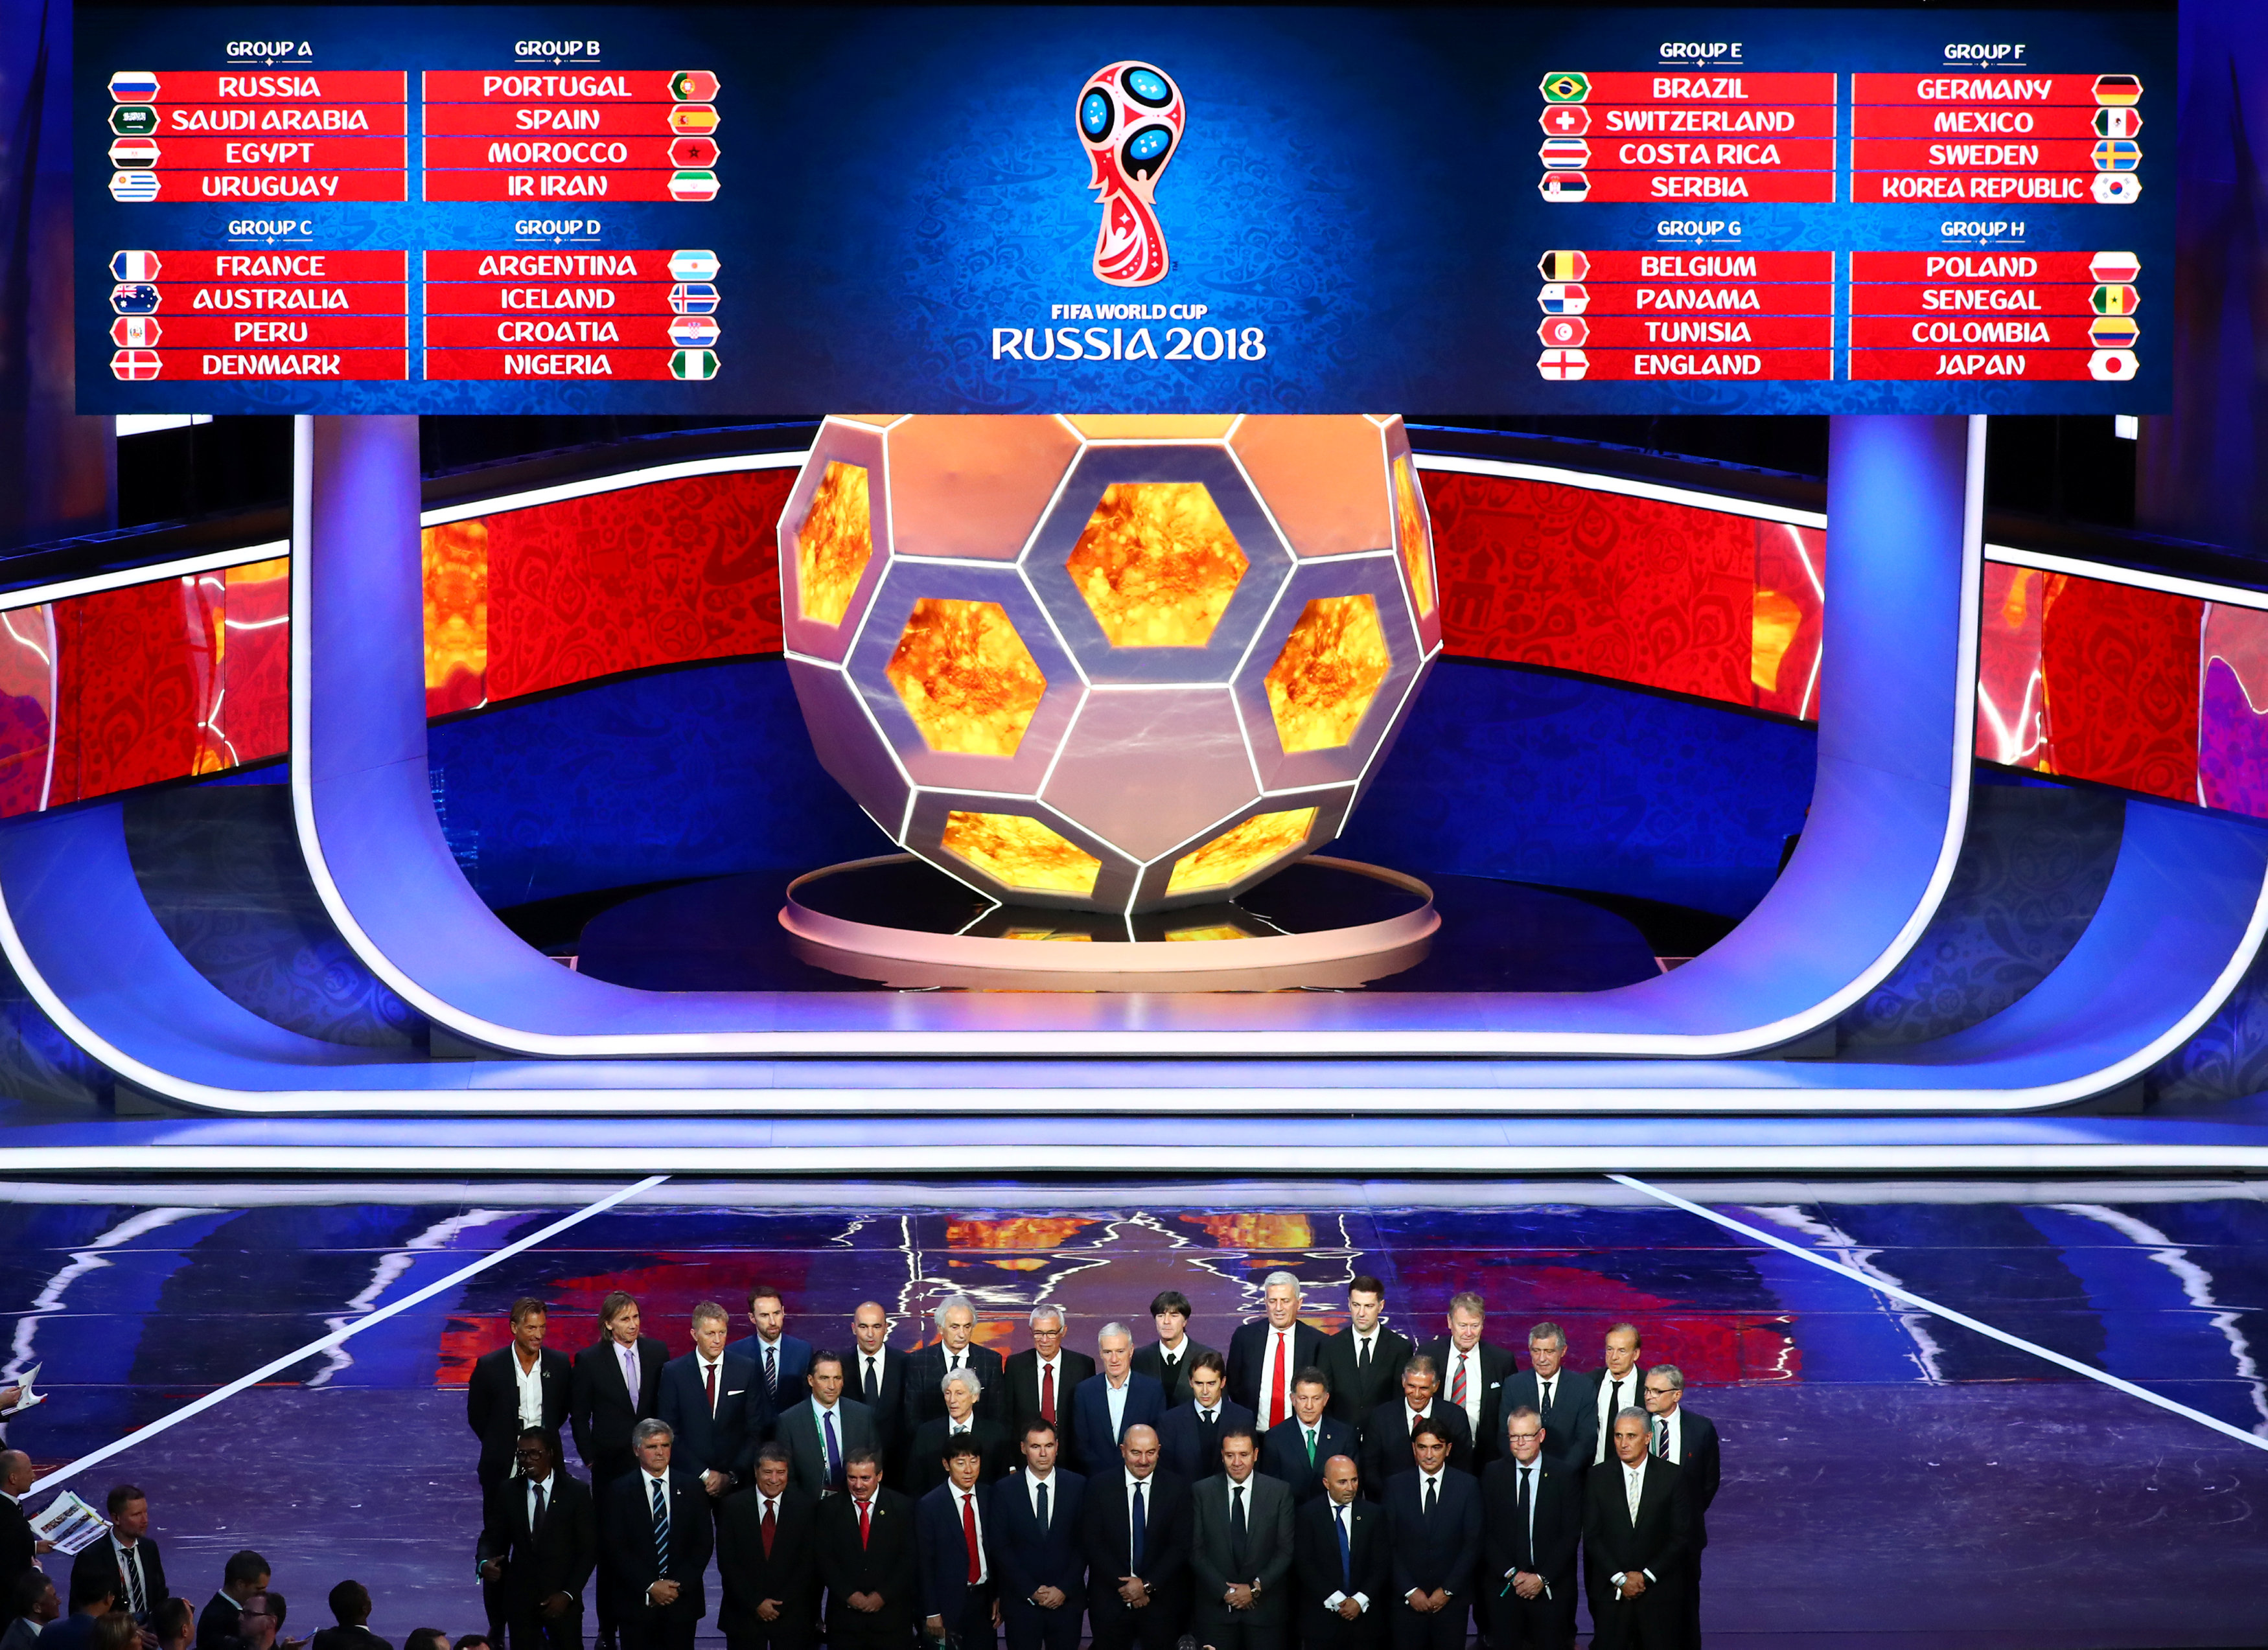 Calendrier Fifa Coupe Du Monde 2020.Coupe Du Monde 2018 Le Calendrier Complet Et Toutes Les